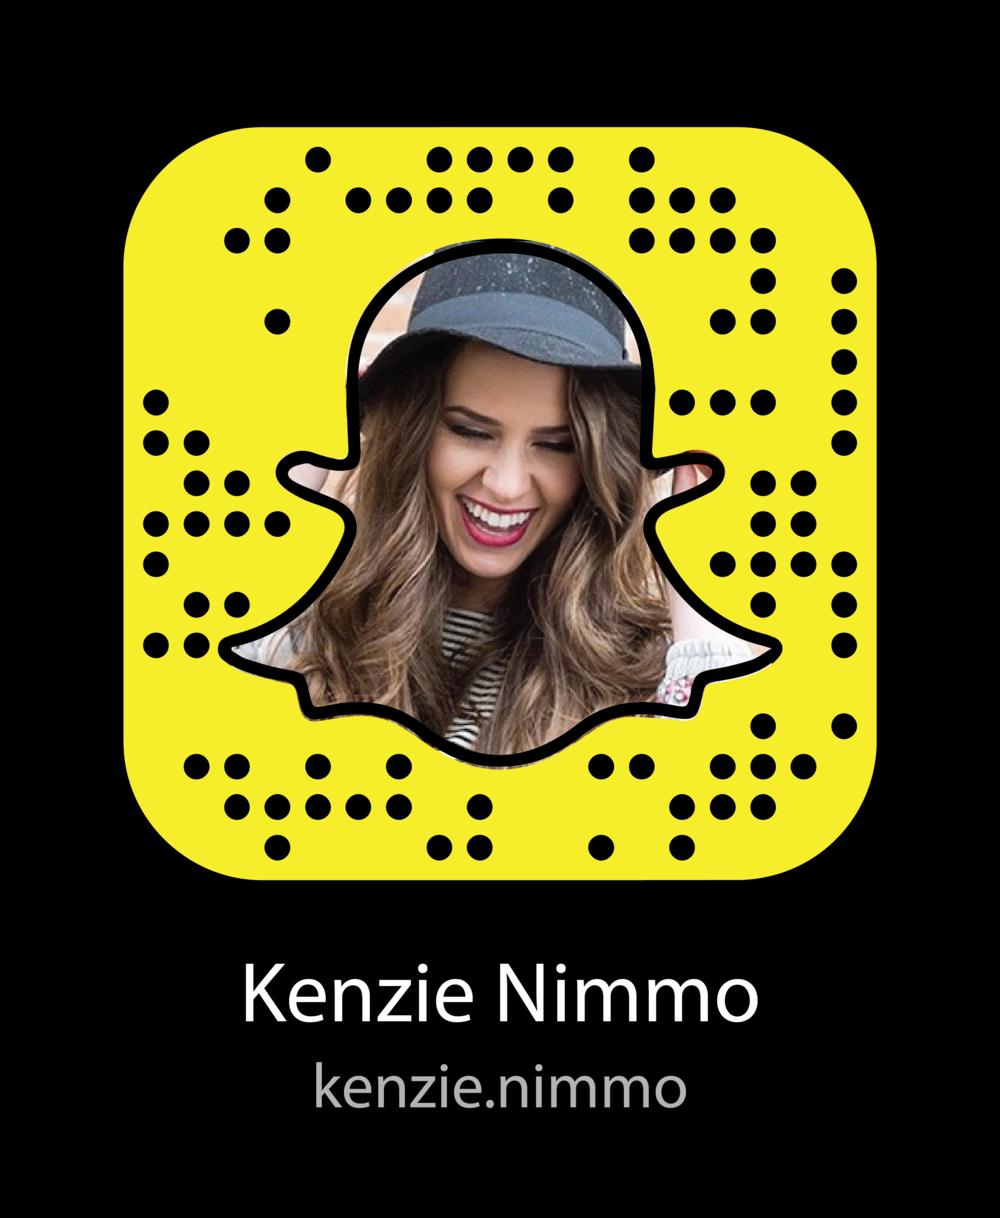 kenzie-nimmo-vine-celebrity-snapchat-snapcode